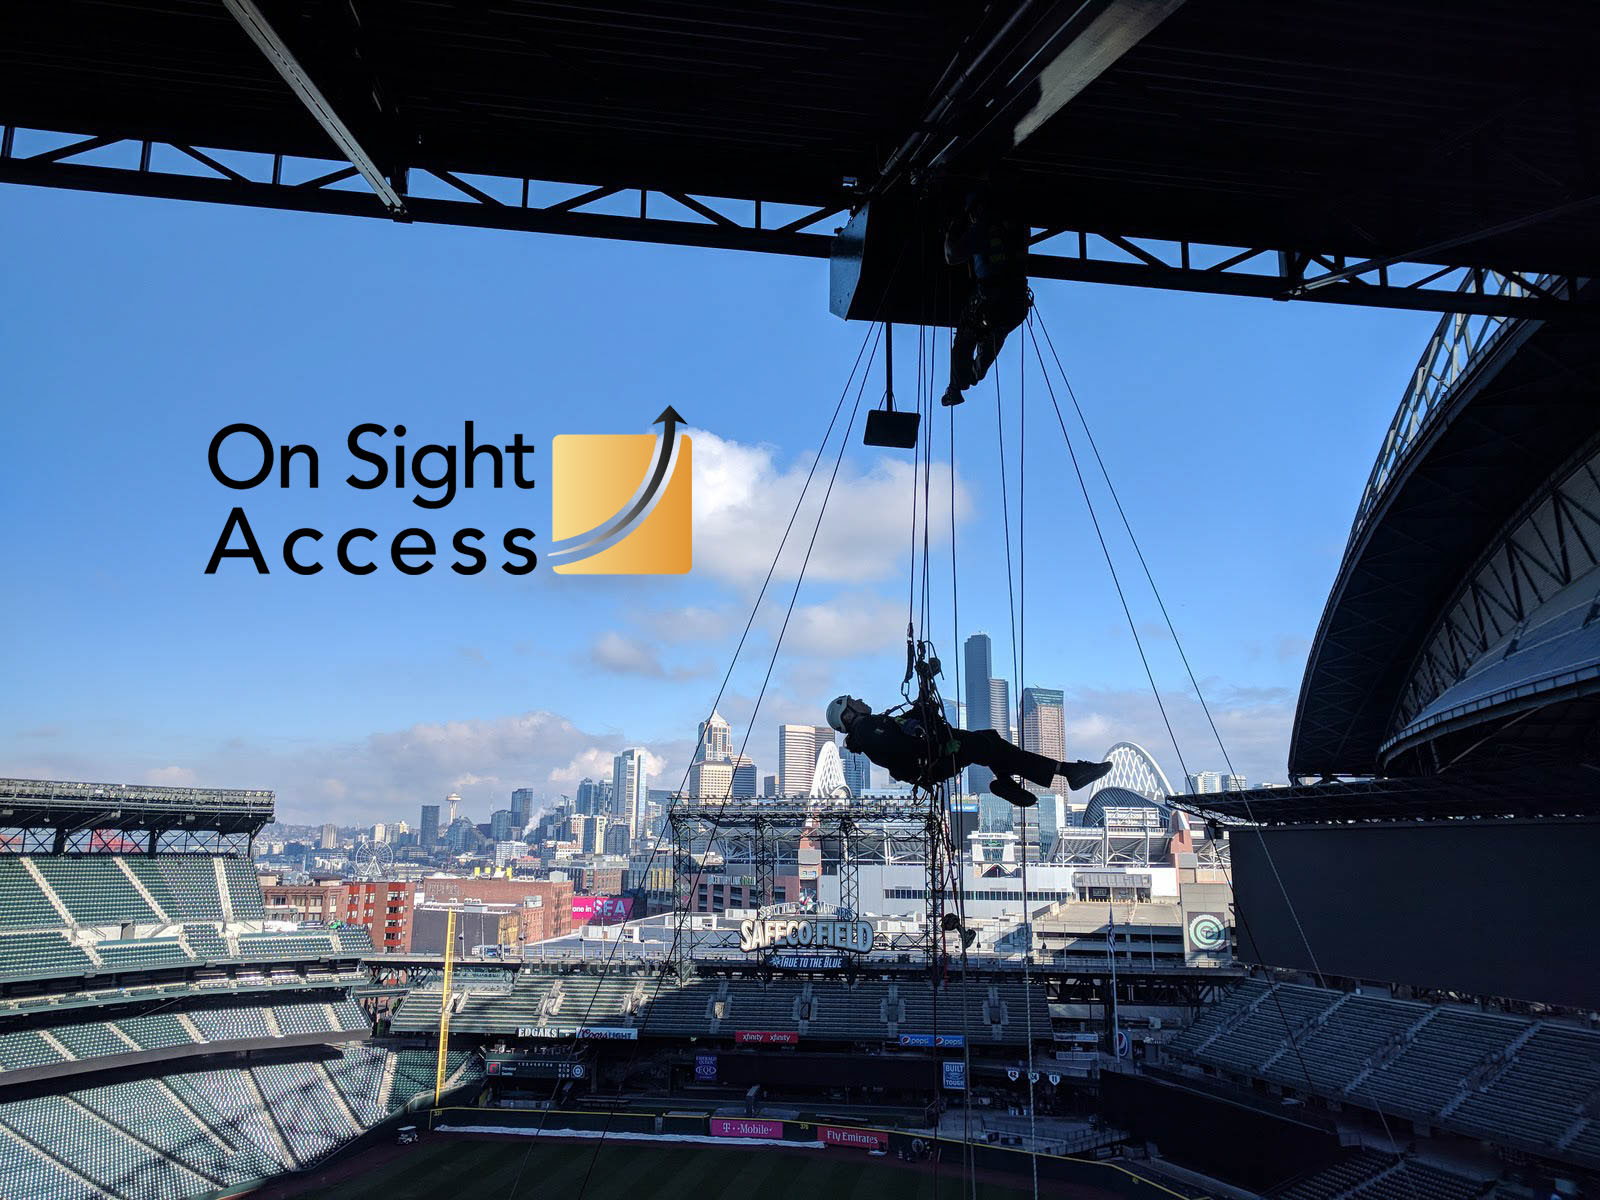 On Sight Access